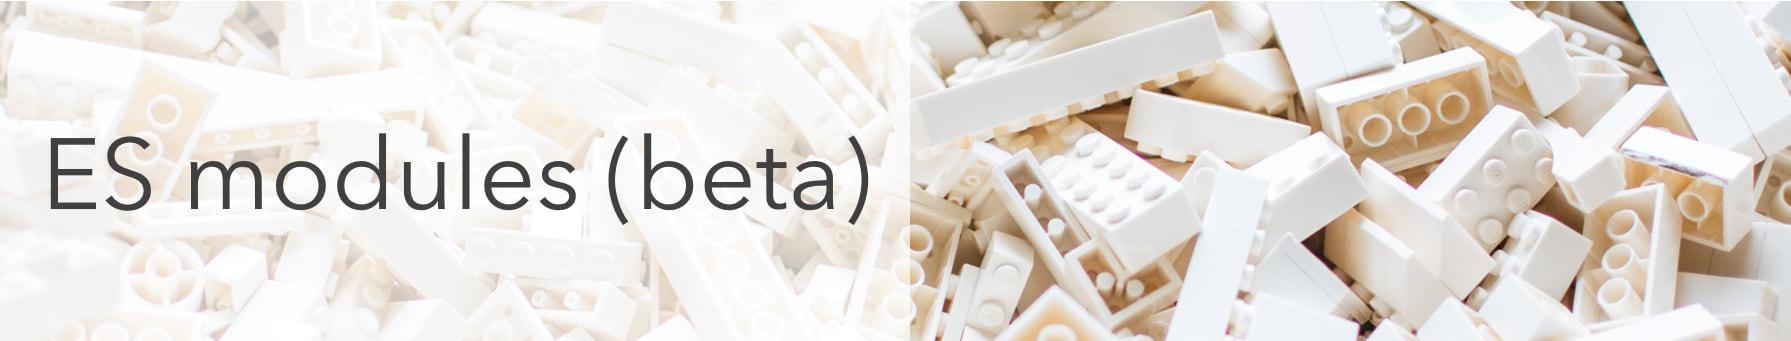 ES modules (beta)